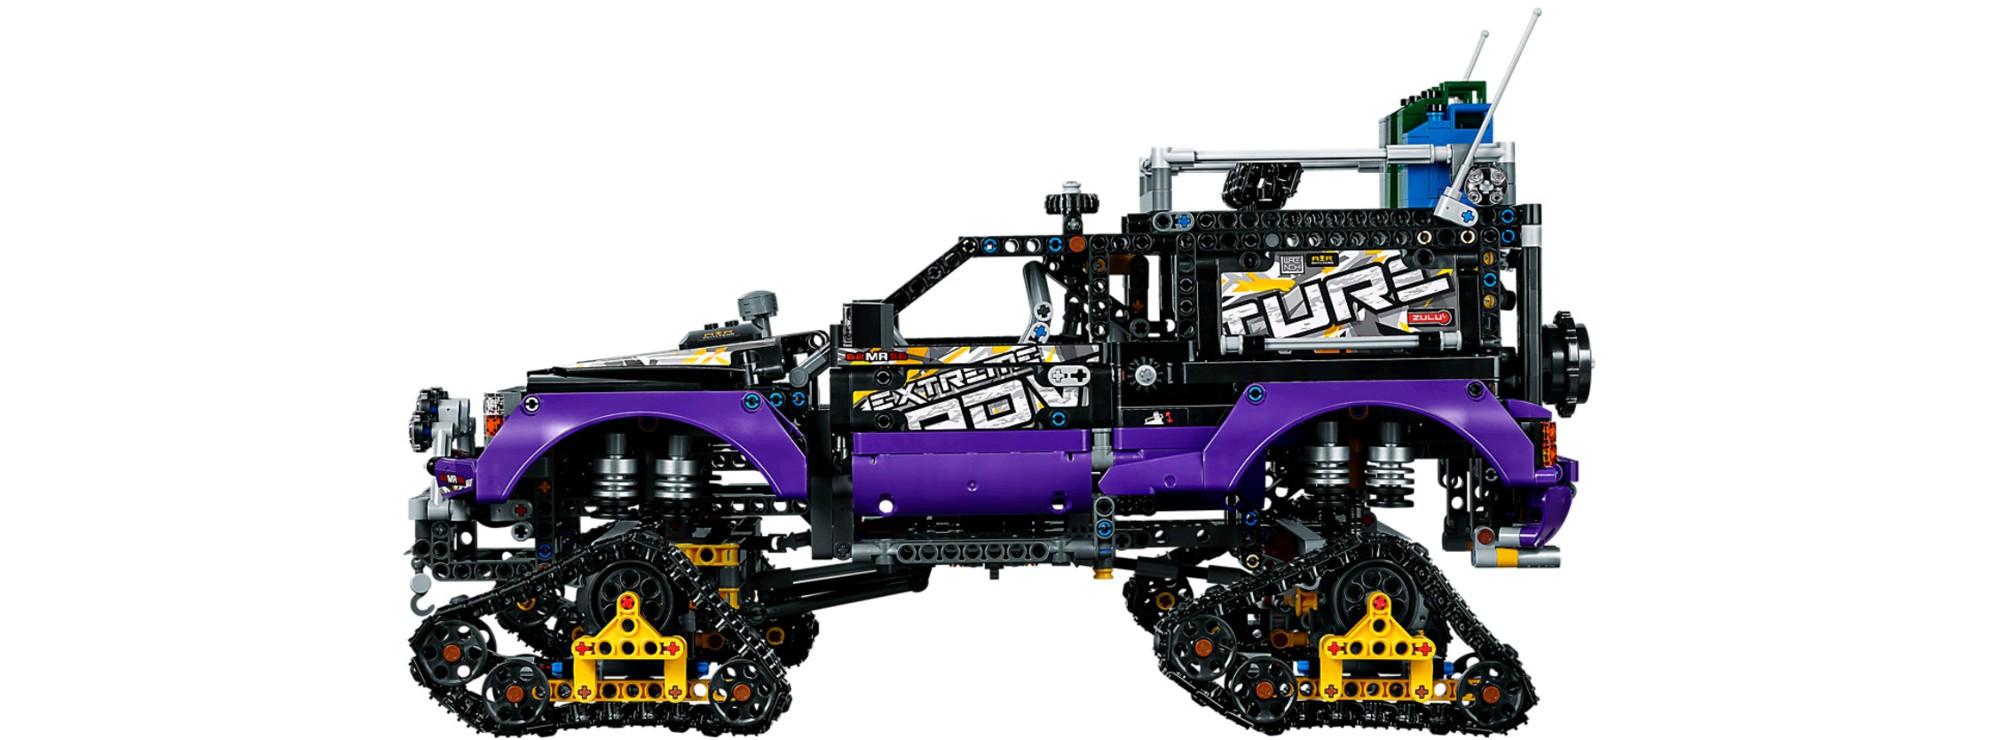 günstig kaufen LEGO Technic Extremgeländefahrzeug 42069